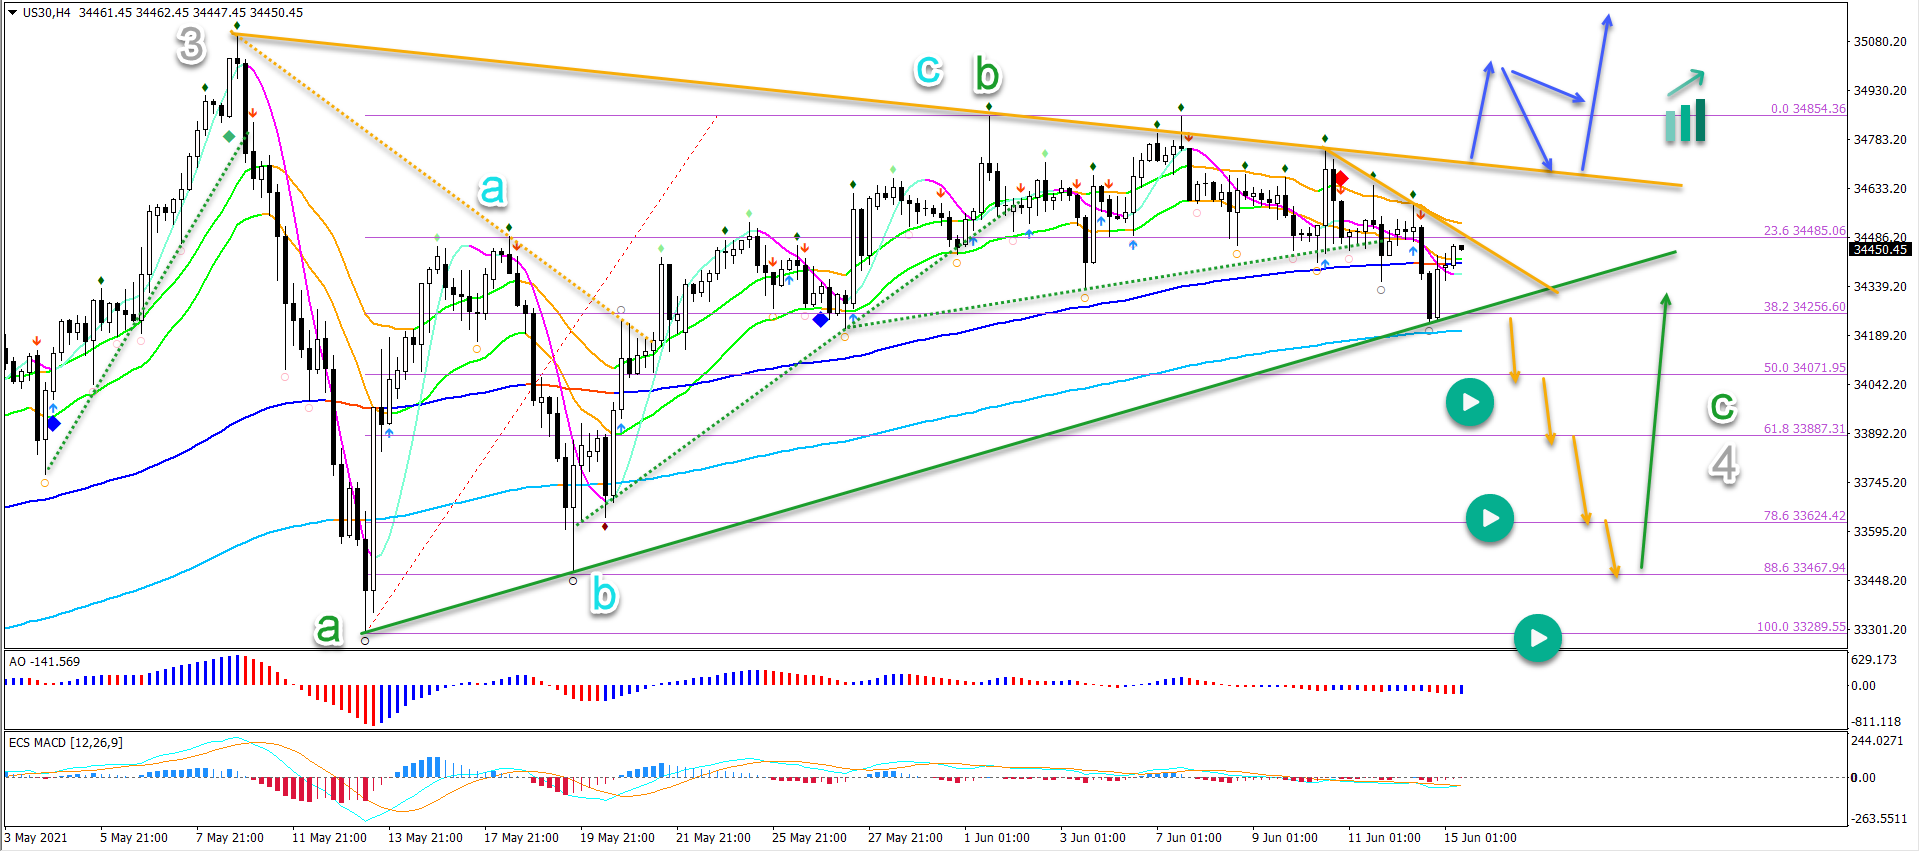 Dow Jones 15.06.2021 4 hour chart